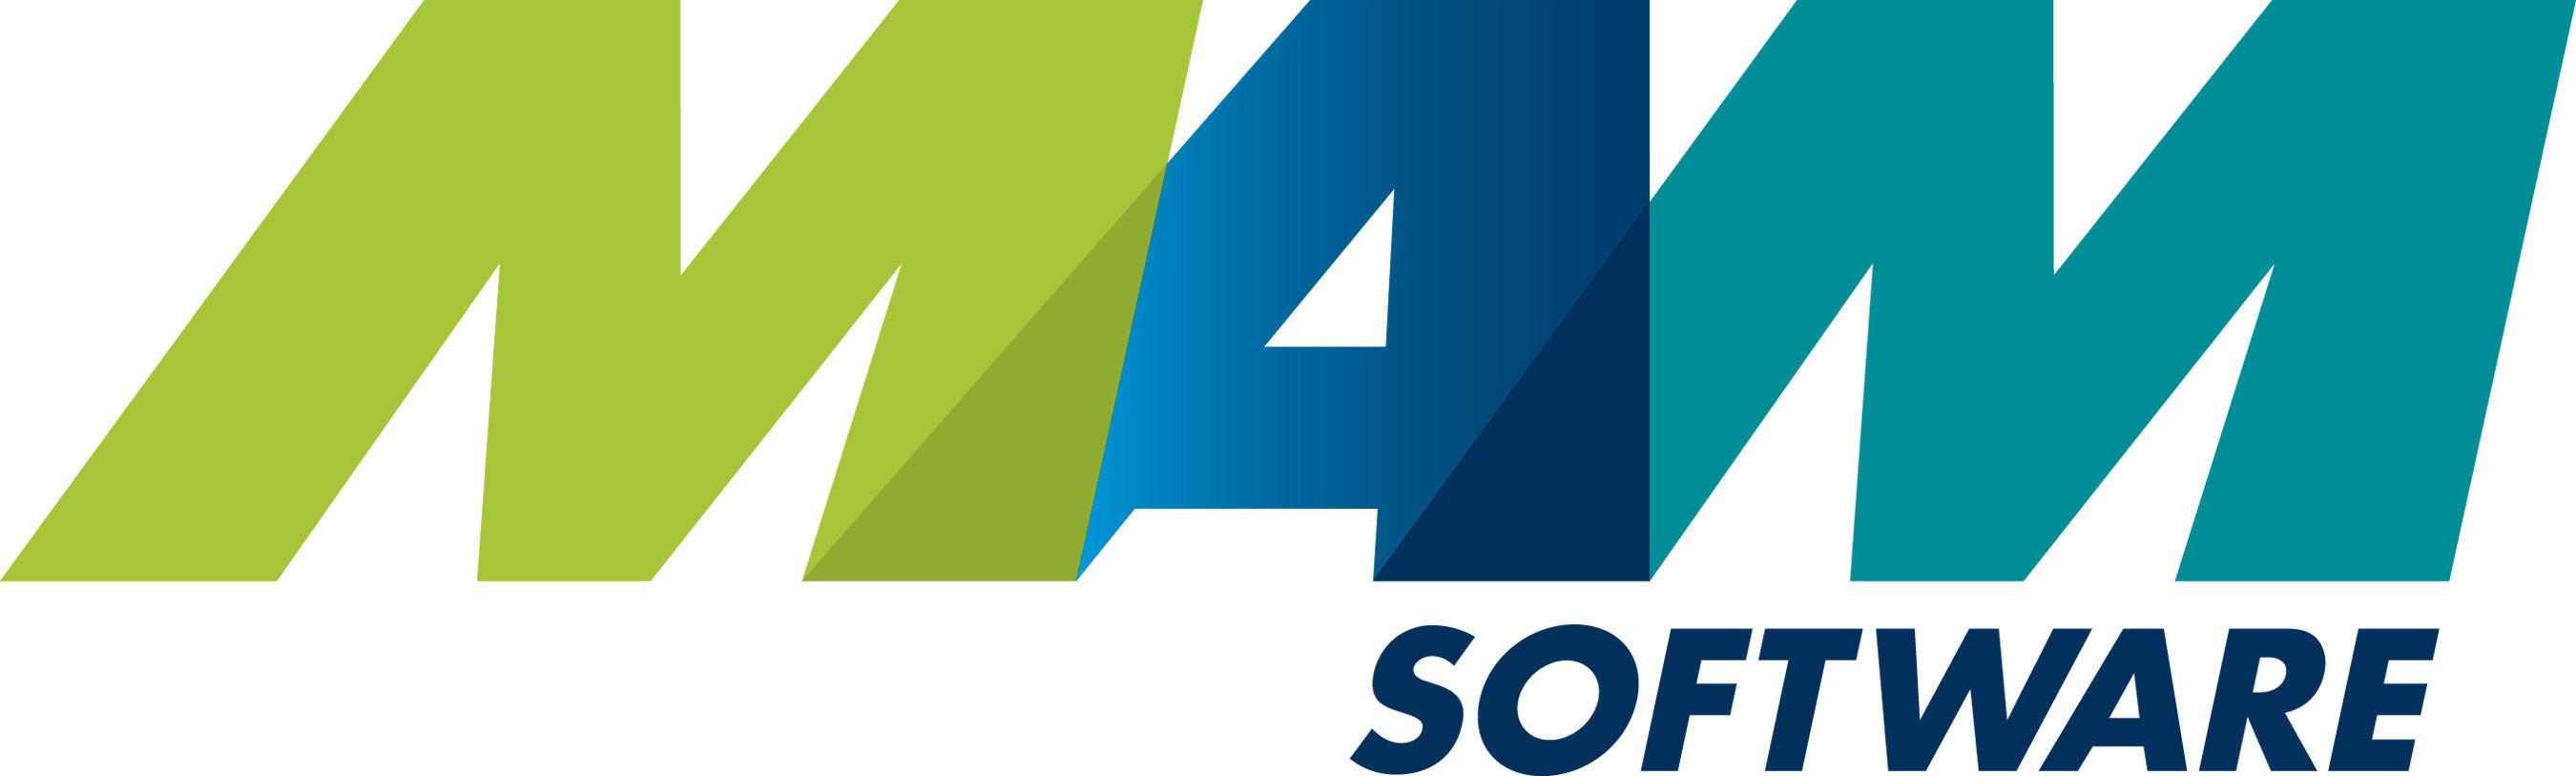 MAM Software Group, Inc. logo.